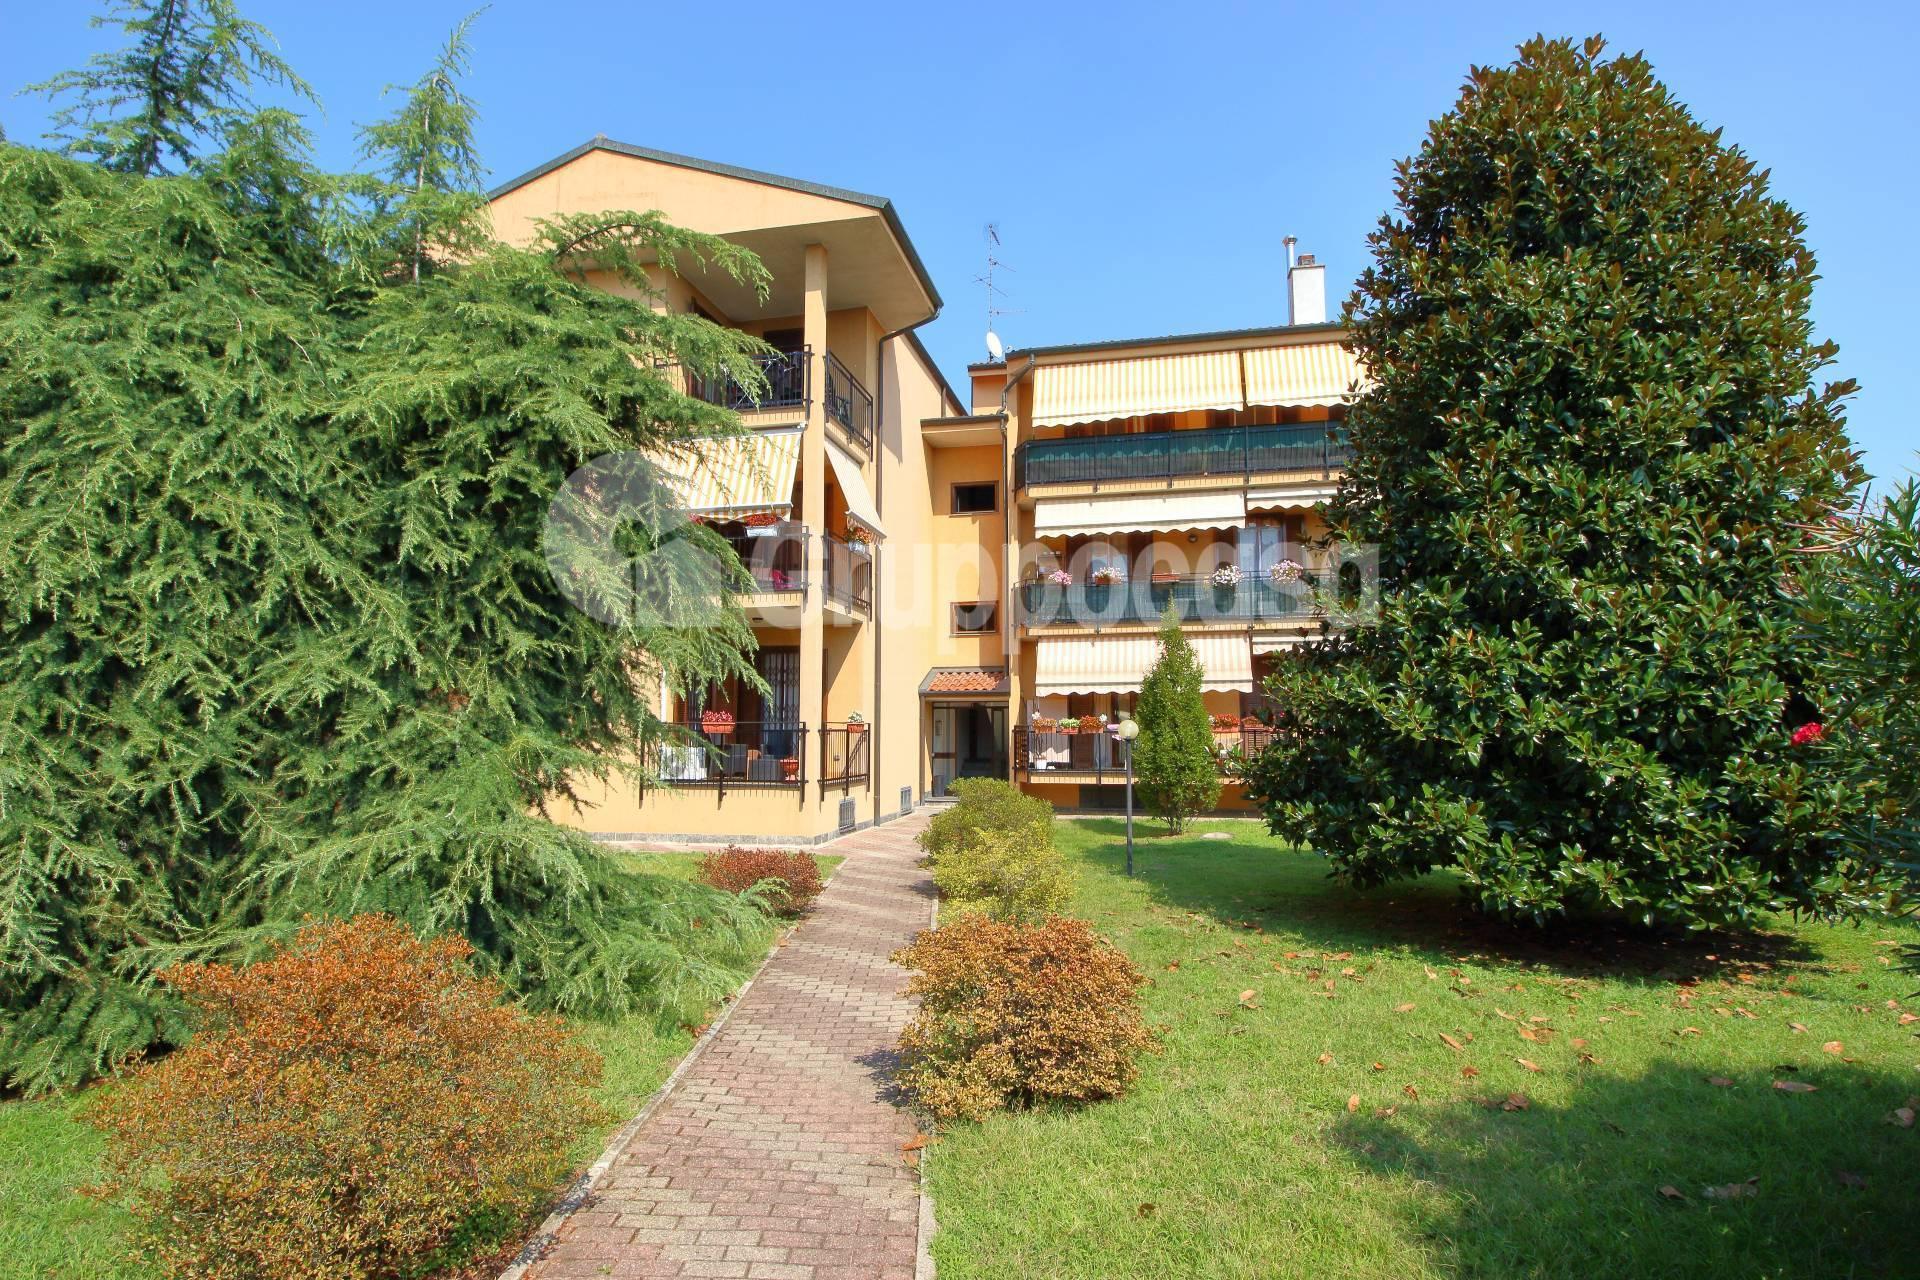 Appartamento in vendita a Boffalora Sopra Ticino, 2 locali, prezzo € 73.000 | PortaleAgenzieImmobiliari.it